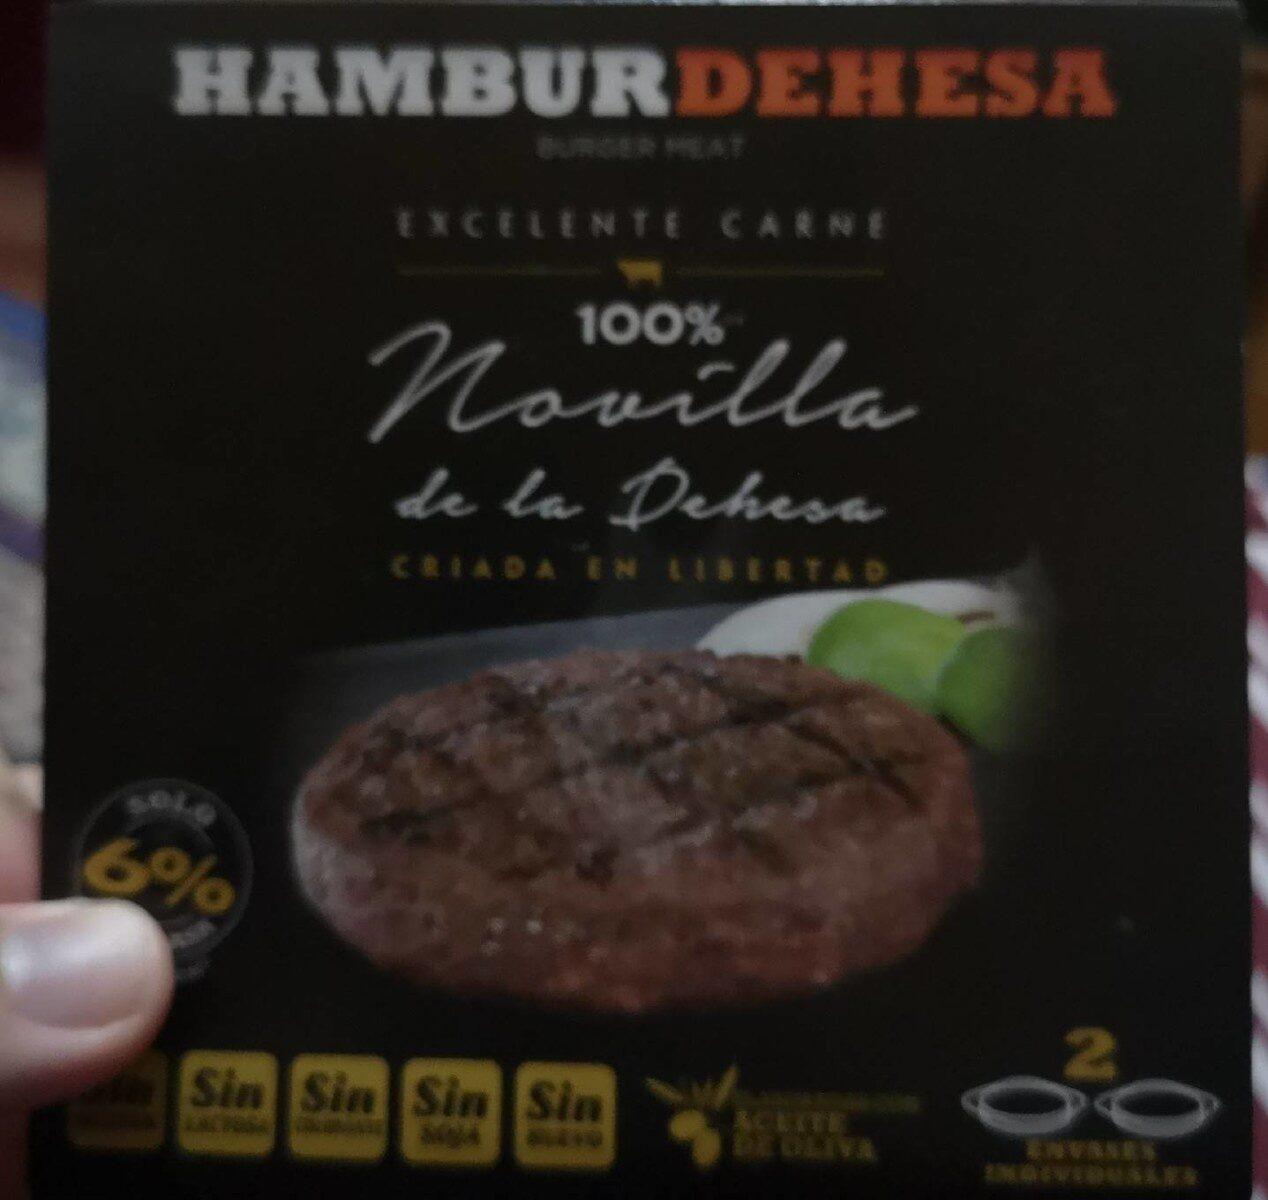 HamburDehesa - Producto